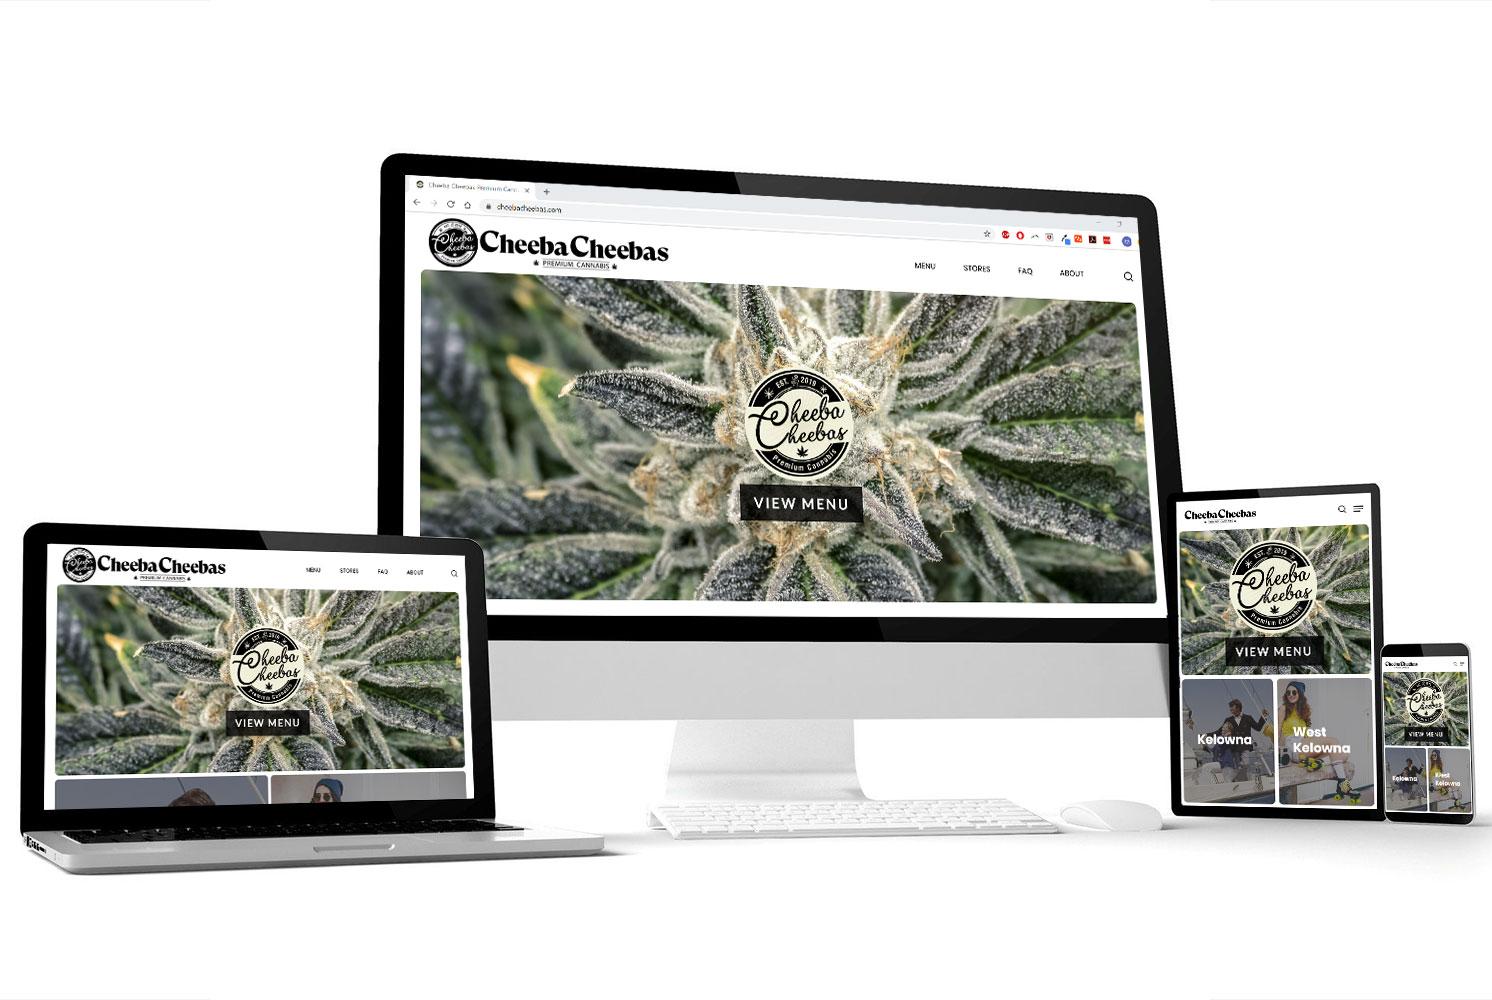 Cheeba Cheebas | Web Design Portfolio